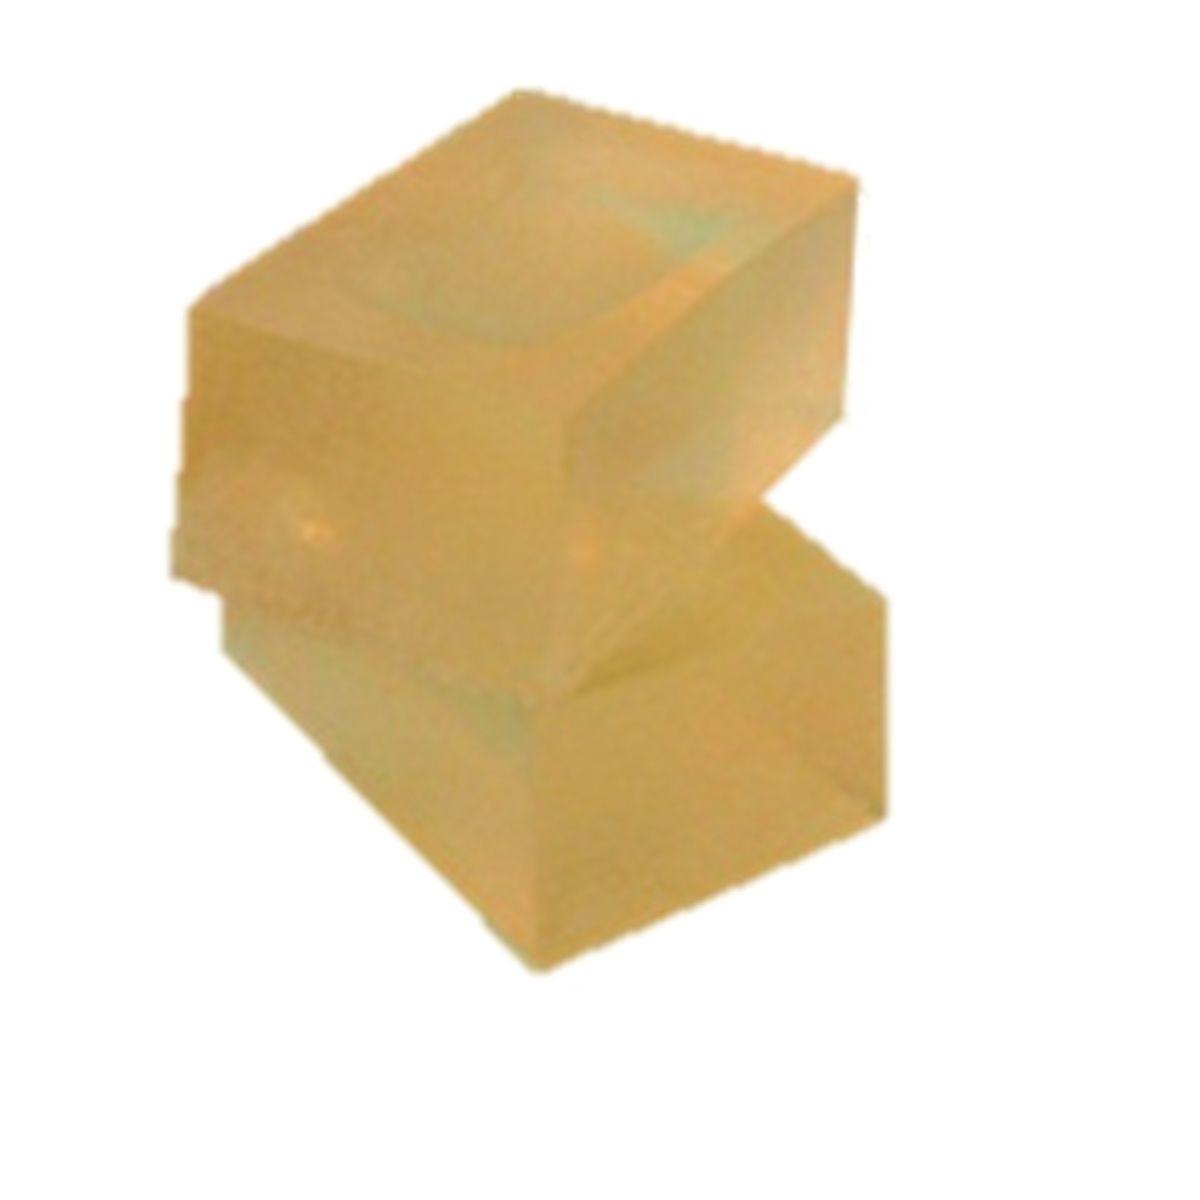 Protecta-cote emballeringsstof  SH23 Plus 150 - 1 kg.